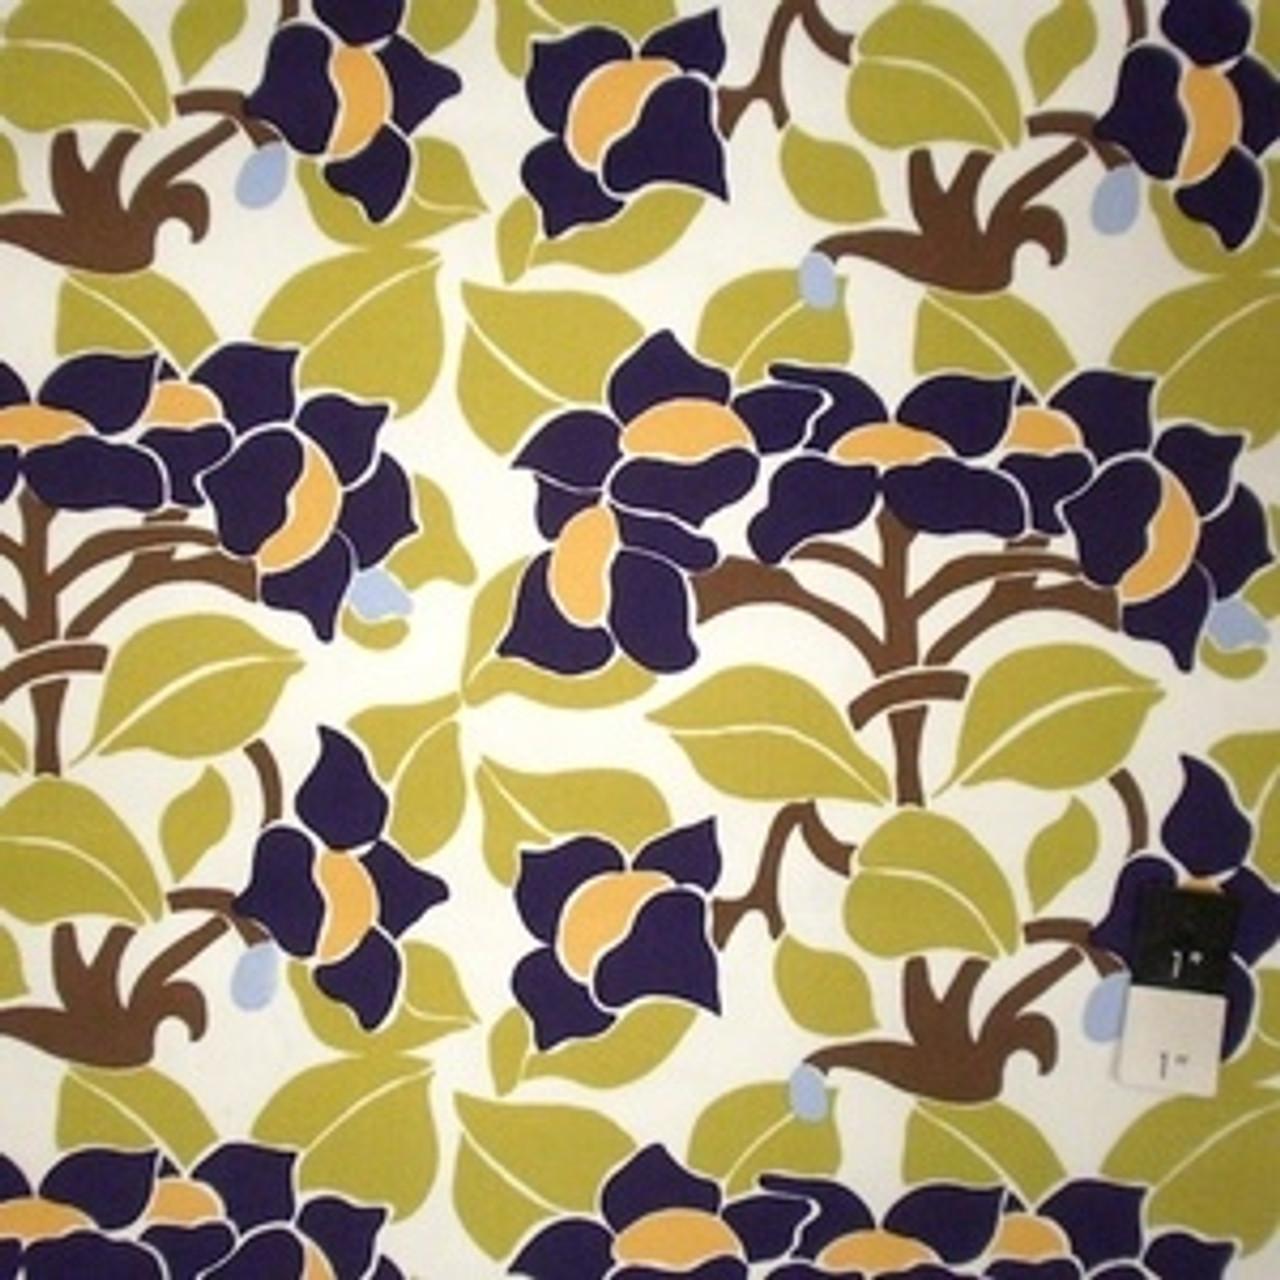 Joel Dewberry SAJD022 Bungalow Swallow Study Chocolate HOME DECOR Fabric By Yard